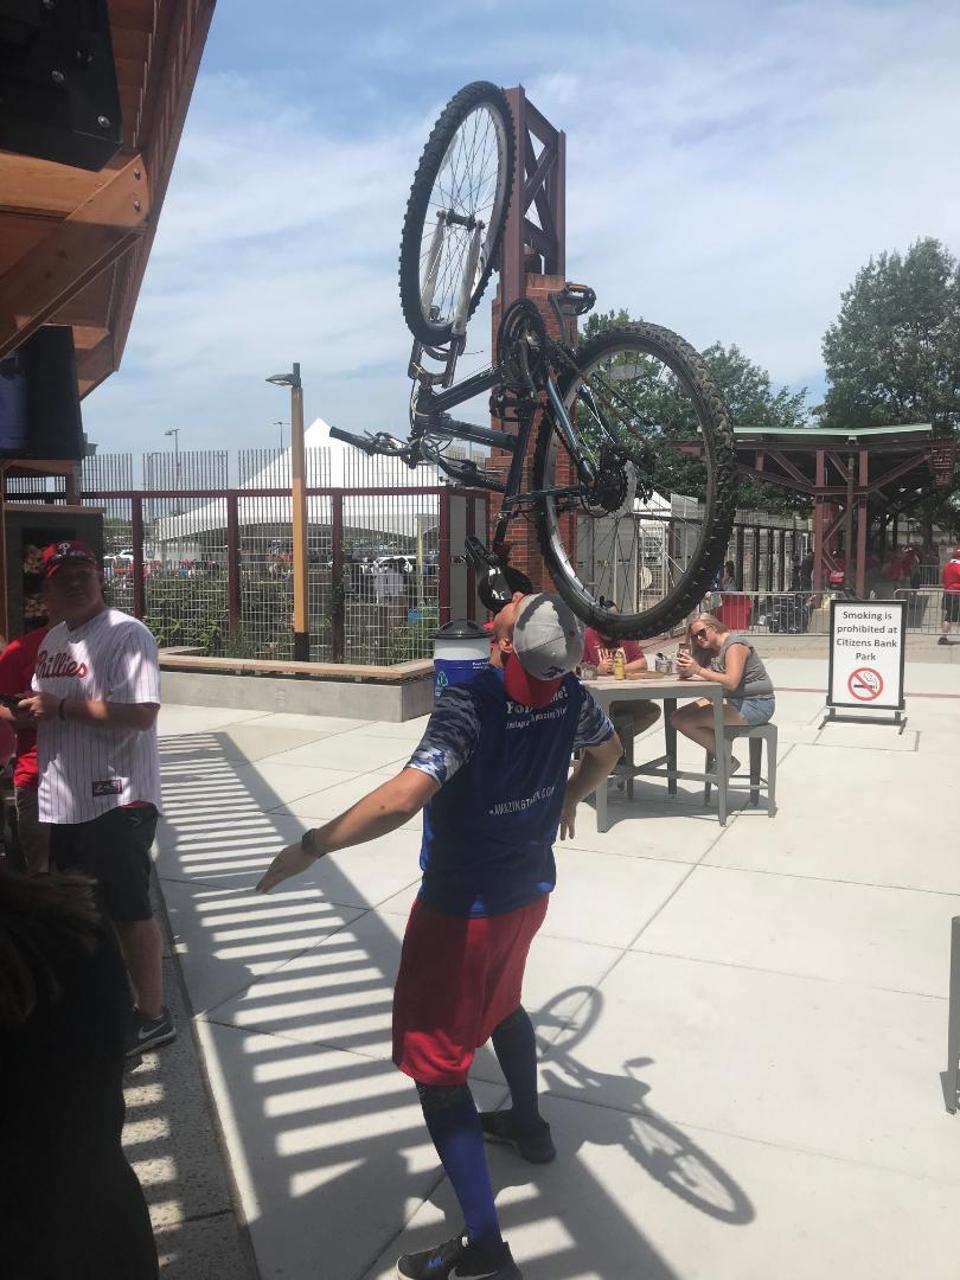 Tyler Scheuer balancing a bike on his face